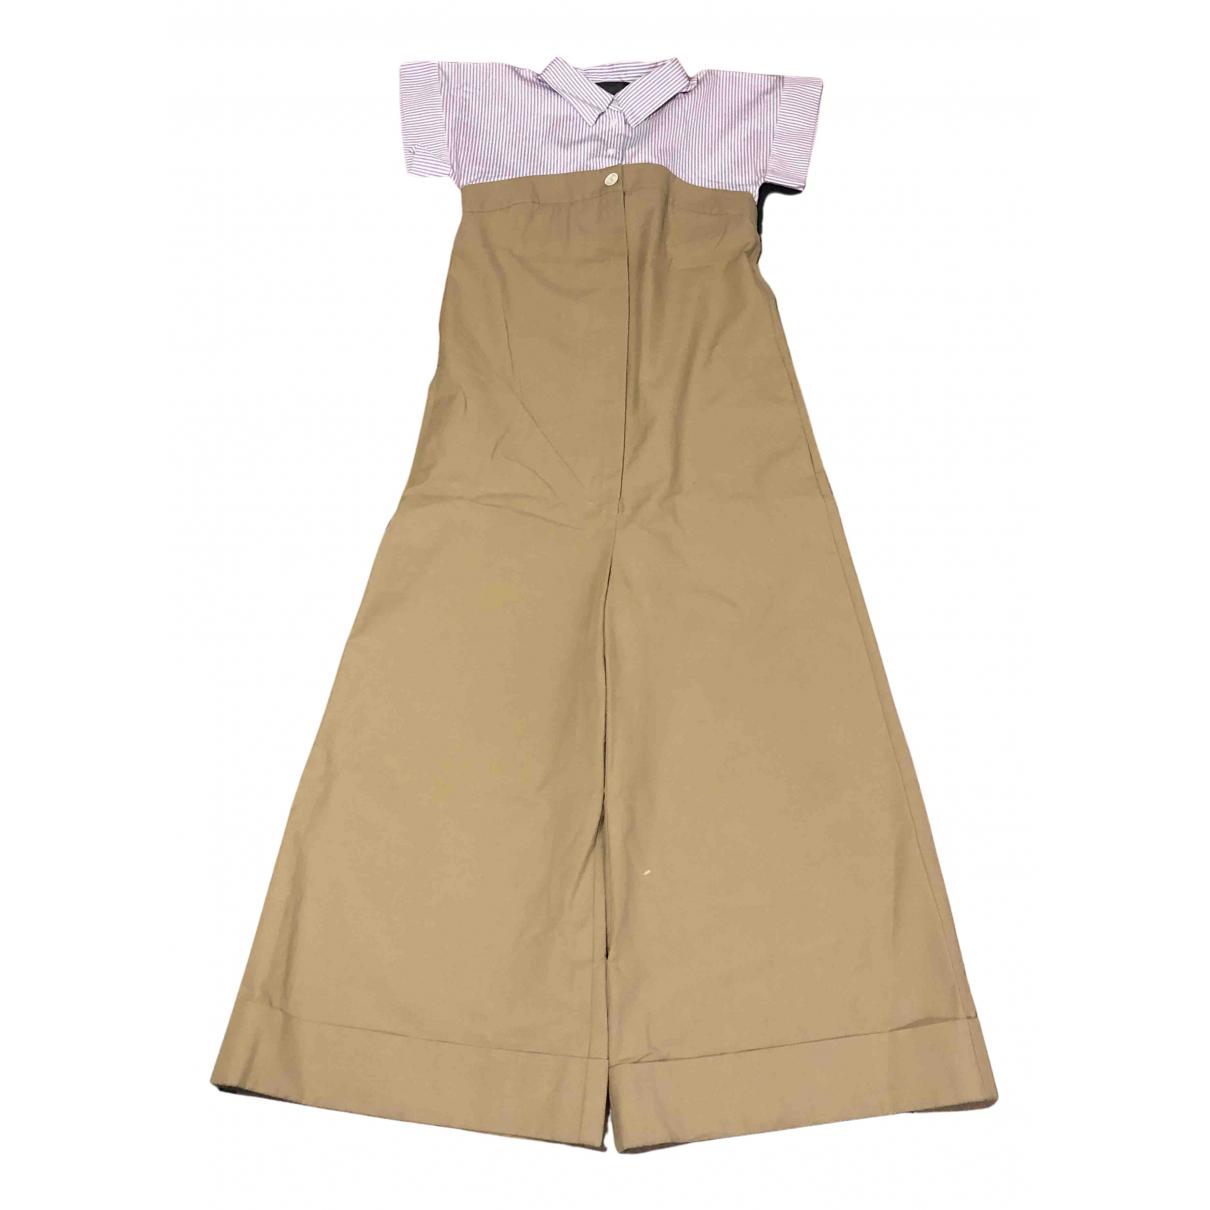 Erika Cavallini \N Kleid in  Beige Baumwolle